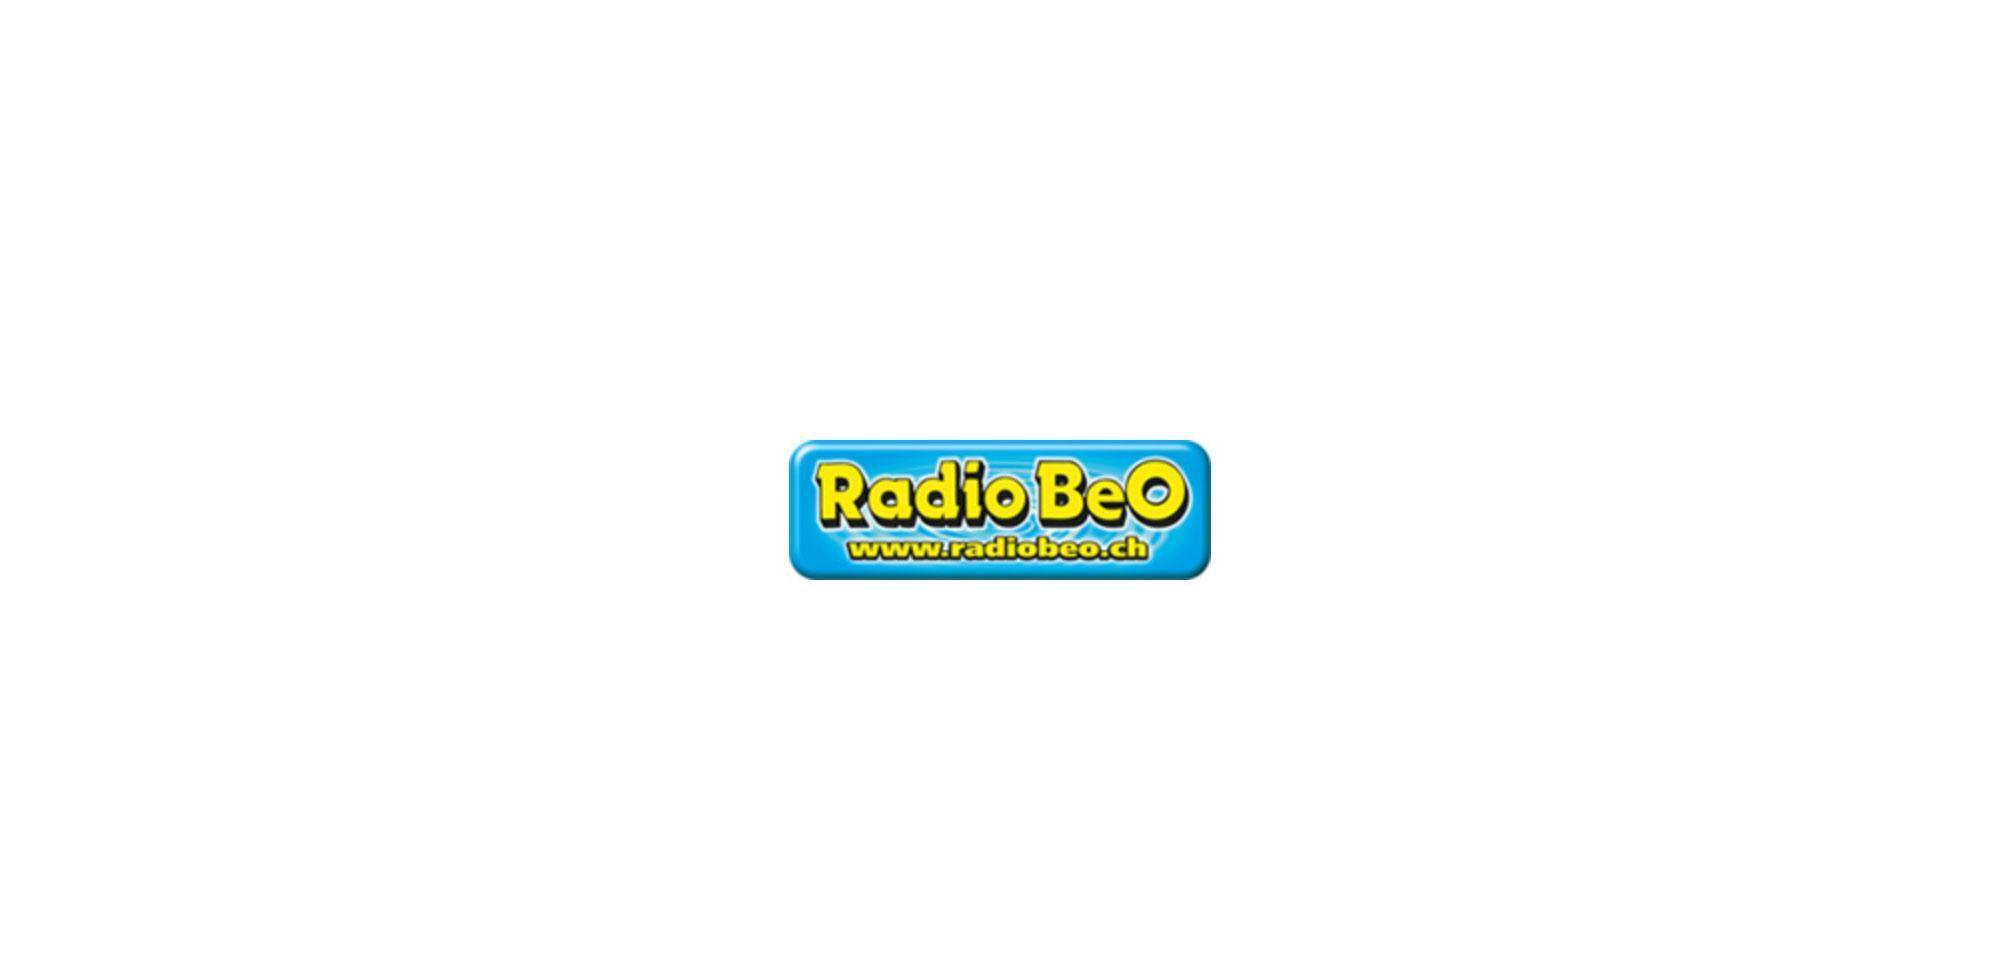 duvetsuisse-blog-radio-beo-masken-geschenkt-zu-jedem-einkauf-3